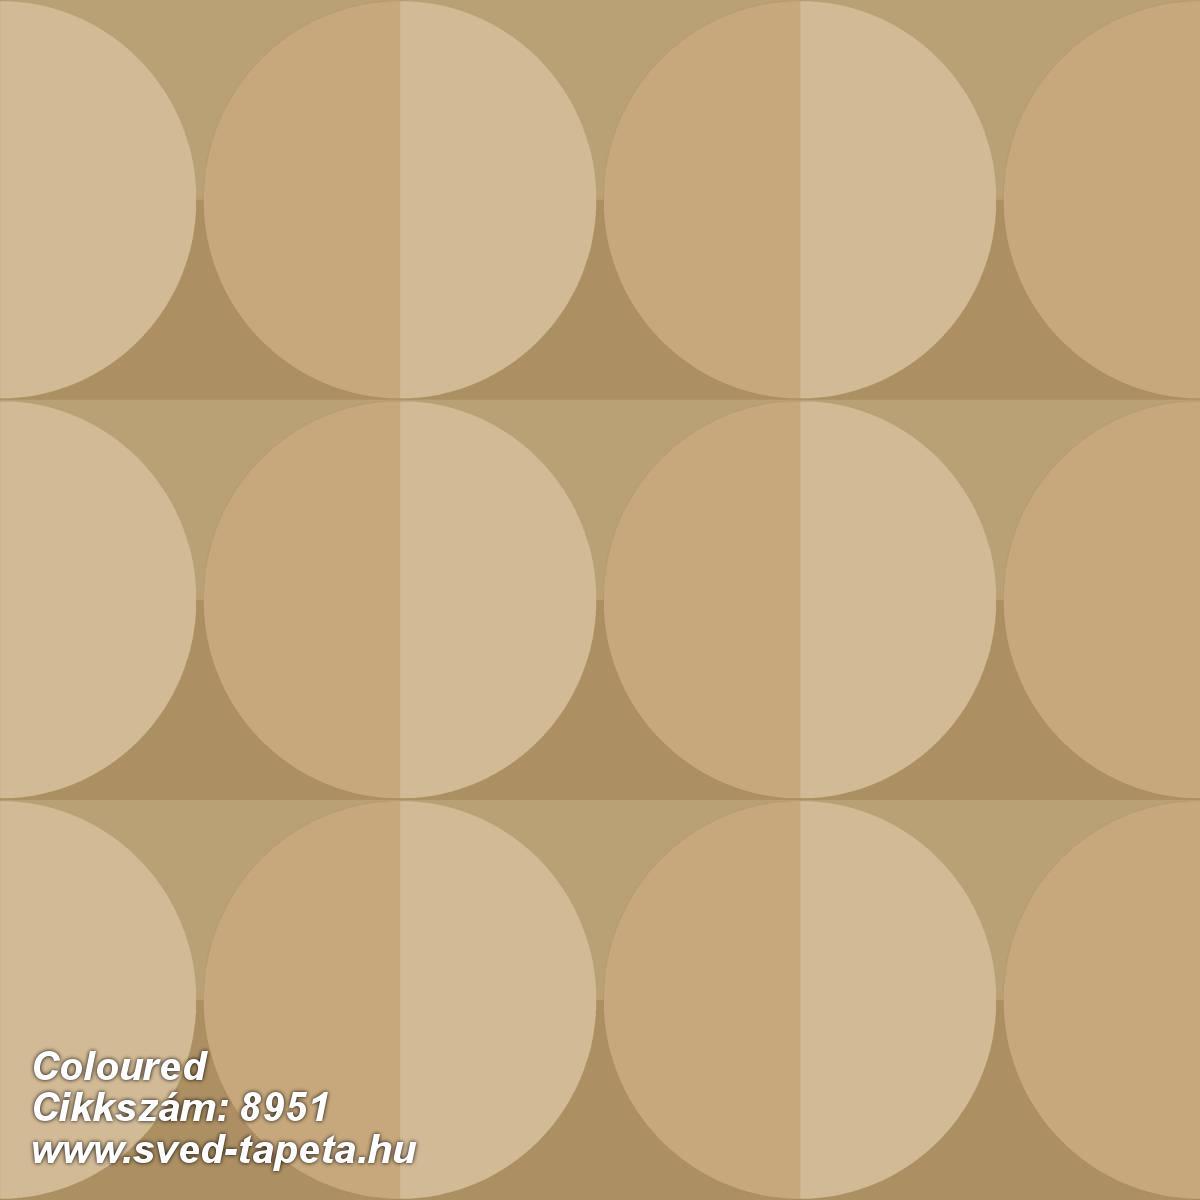 Coloured 8951 cikkszámú svéd ECOgyártmányú designtapéta